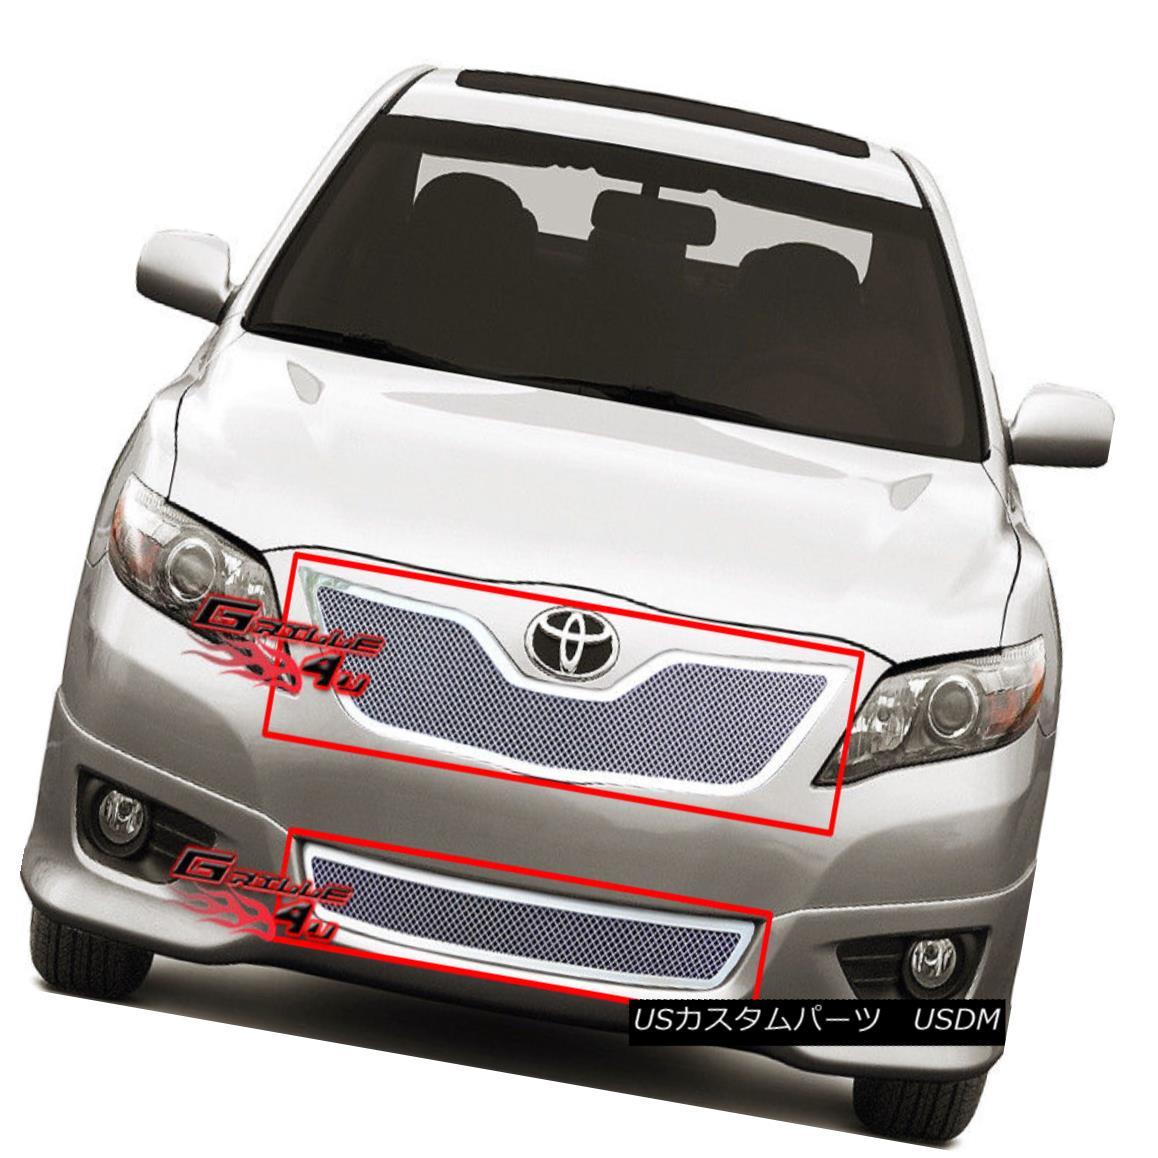 グリル Fits 2010-2011 Toyota Camry Stainless Mesh Grille Combo フィット2010-2011トヨタカムリステンレスメッシュグリルコンボ